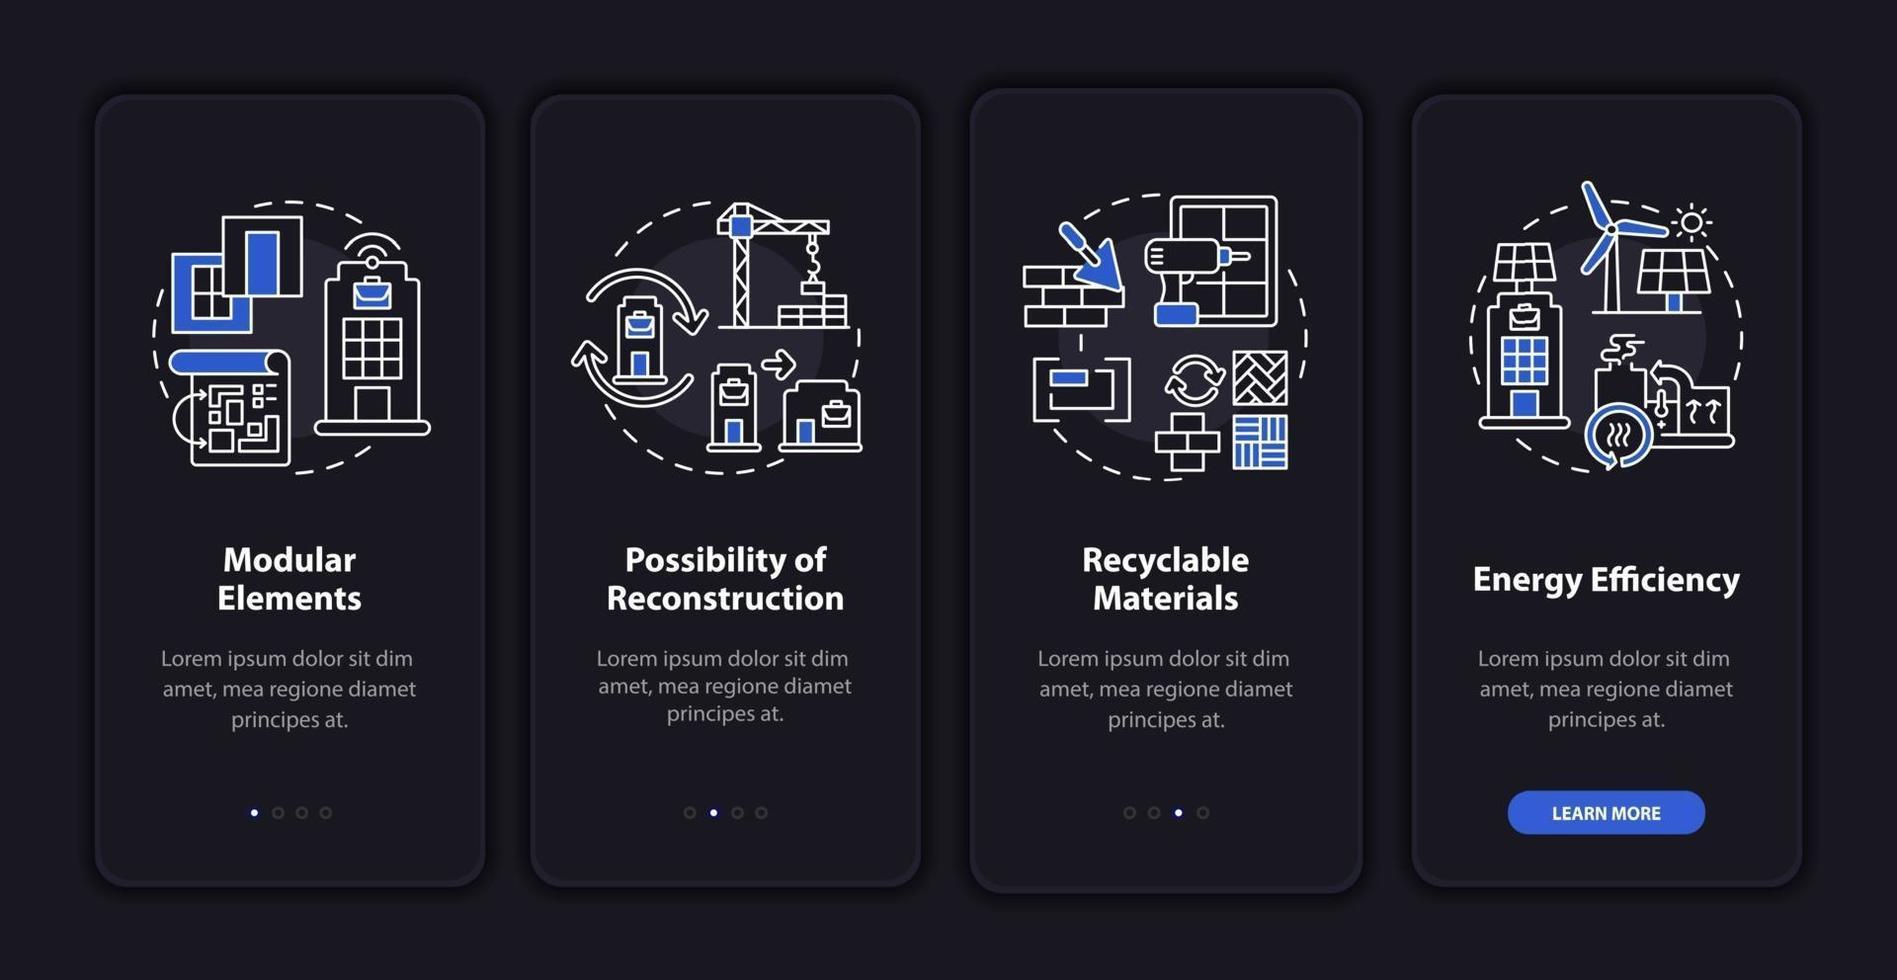 futuristico edificio per uffici onboarding schermata della pagina dell'app mobile con concetti vettore